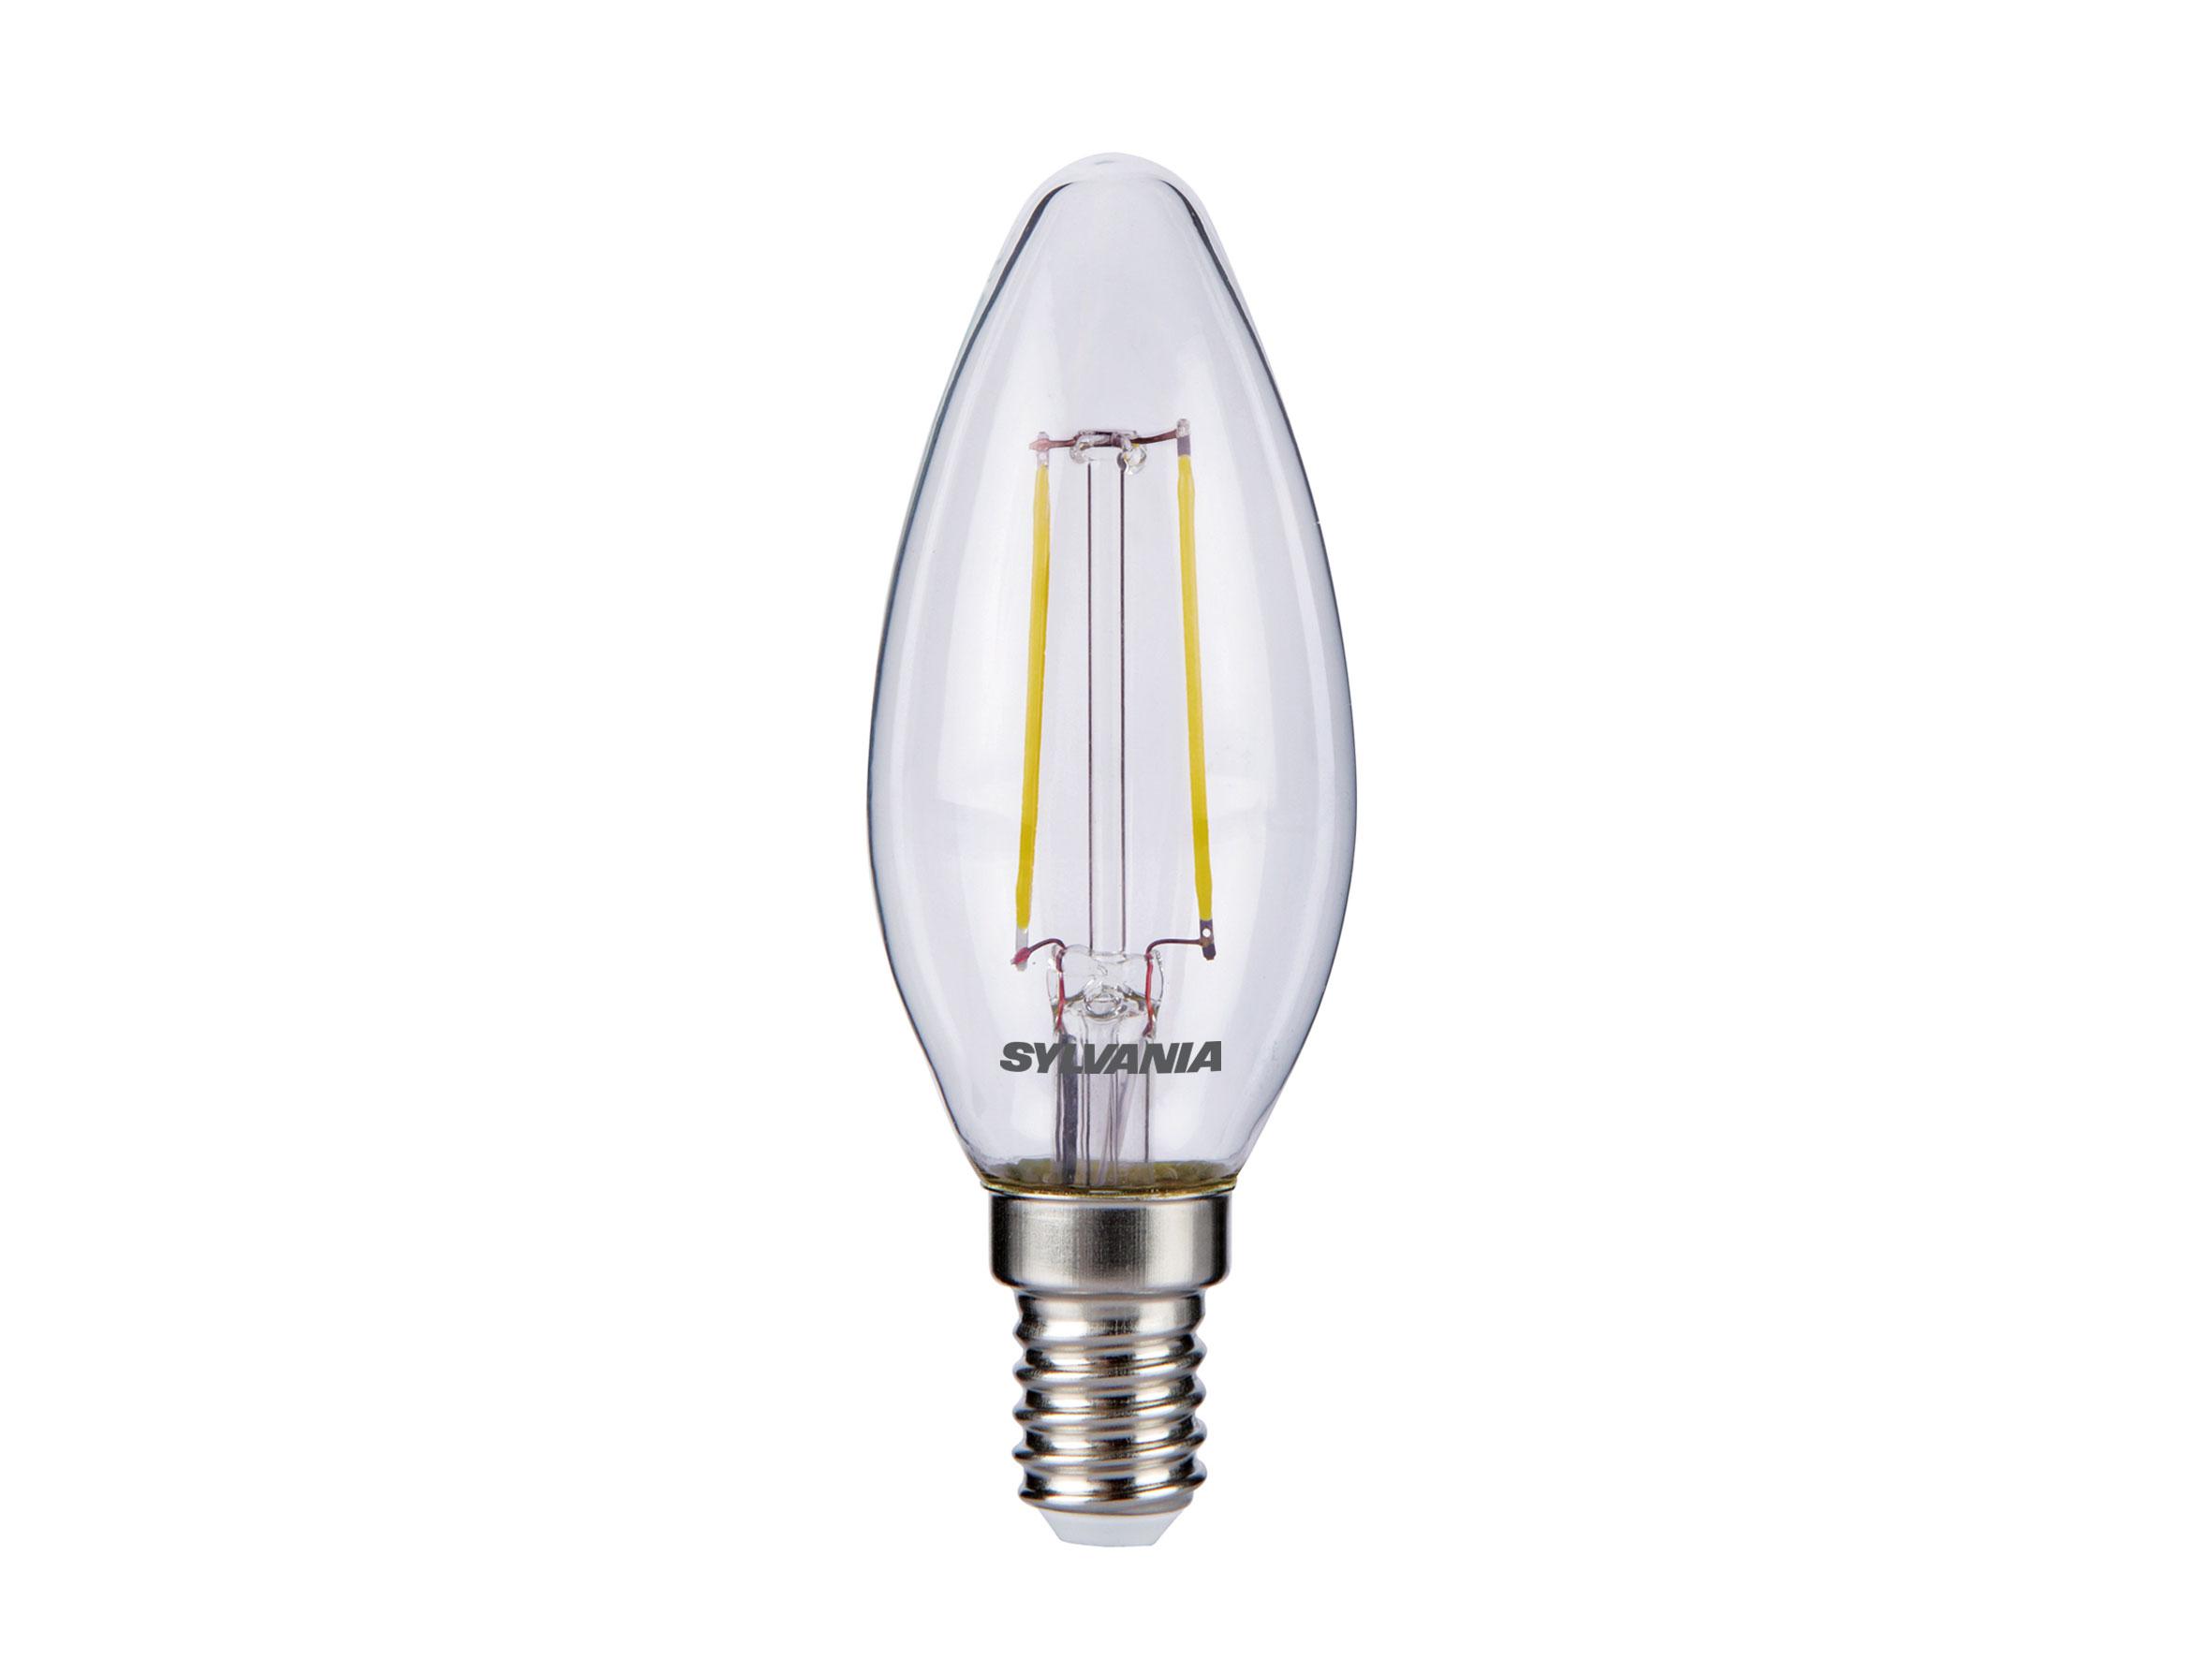 1 x starmo E14 ses bougie lumière led ampoule 470lm opale 5.9W = 40W blanc chaud 2700k